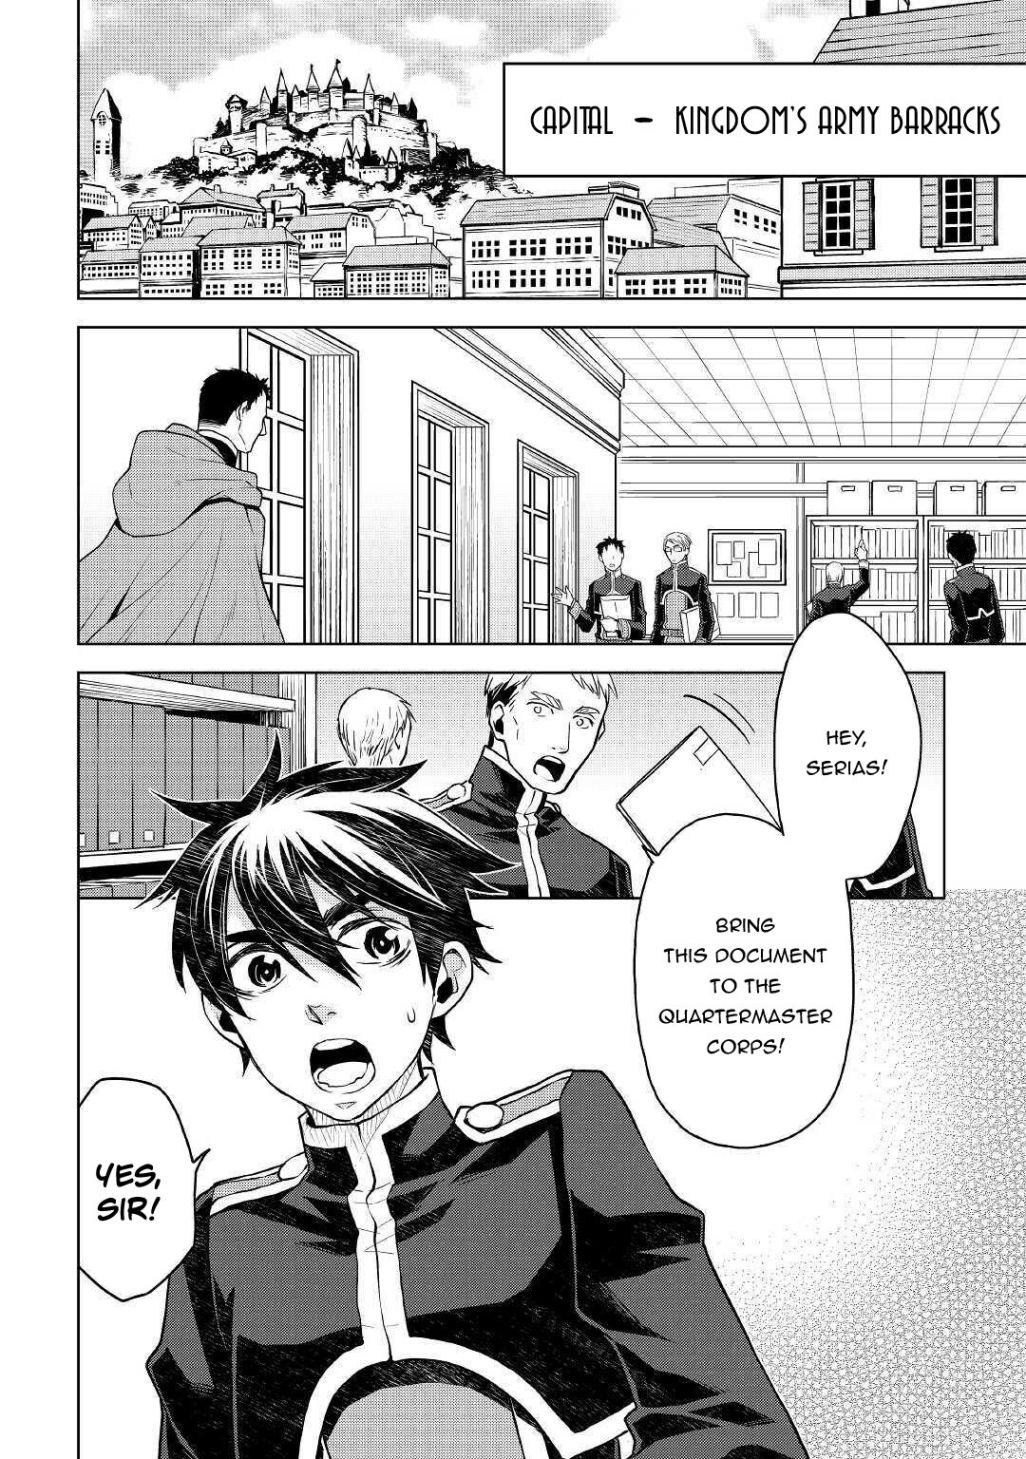 Hiraheishi wa Kako o Yumemiru - chapter 45-eng-li